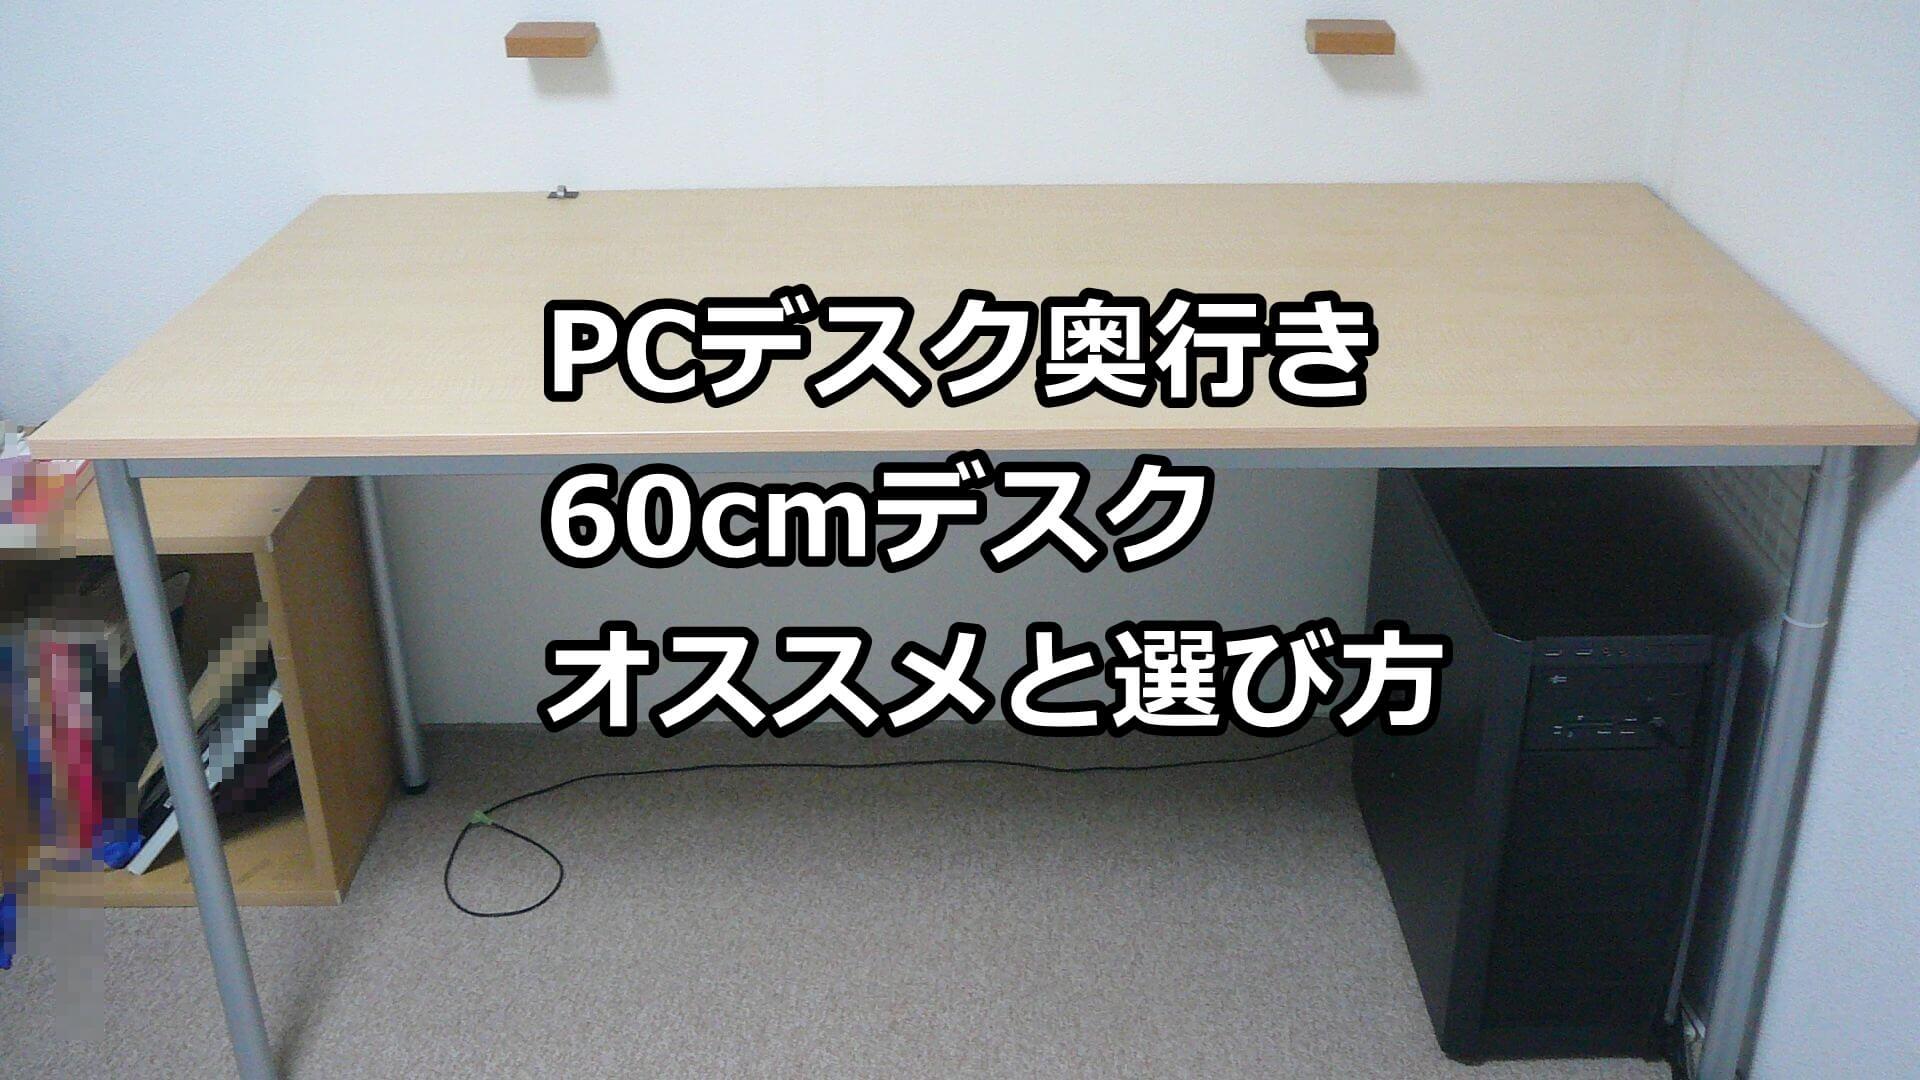 PCデスク 奥行き60cm 選び方とおすすめ